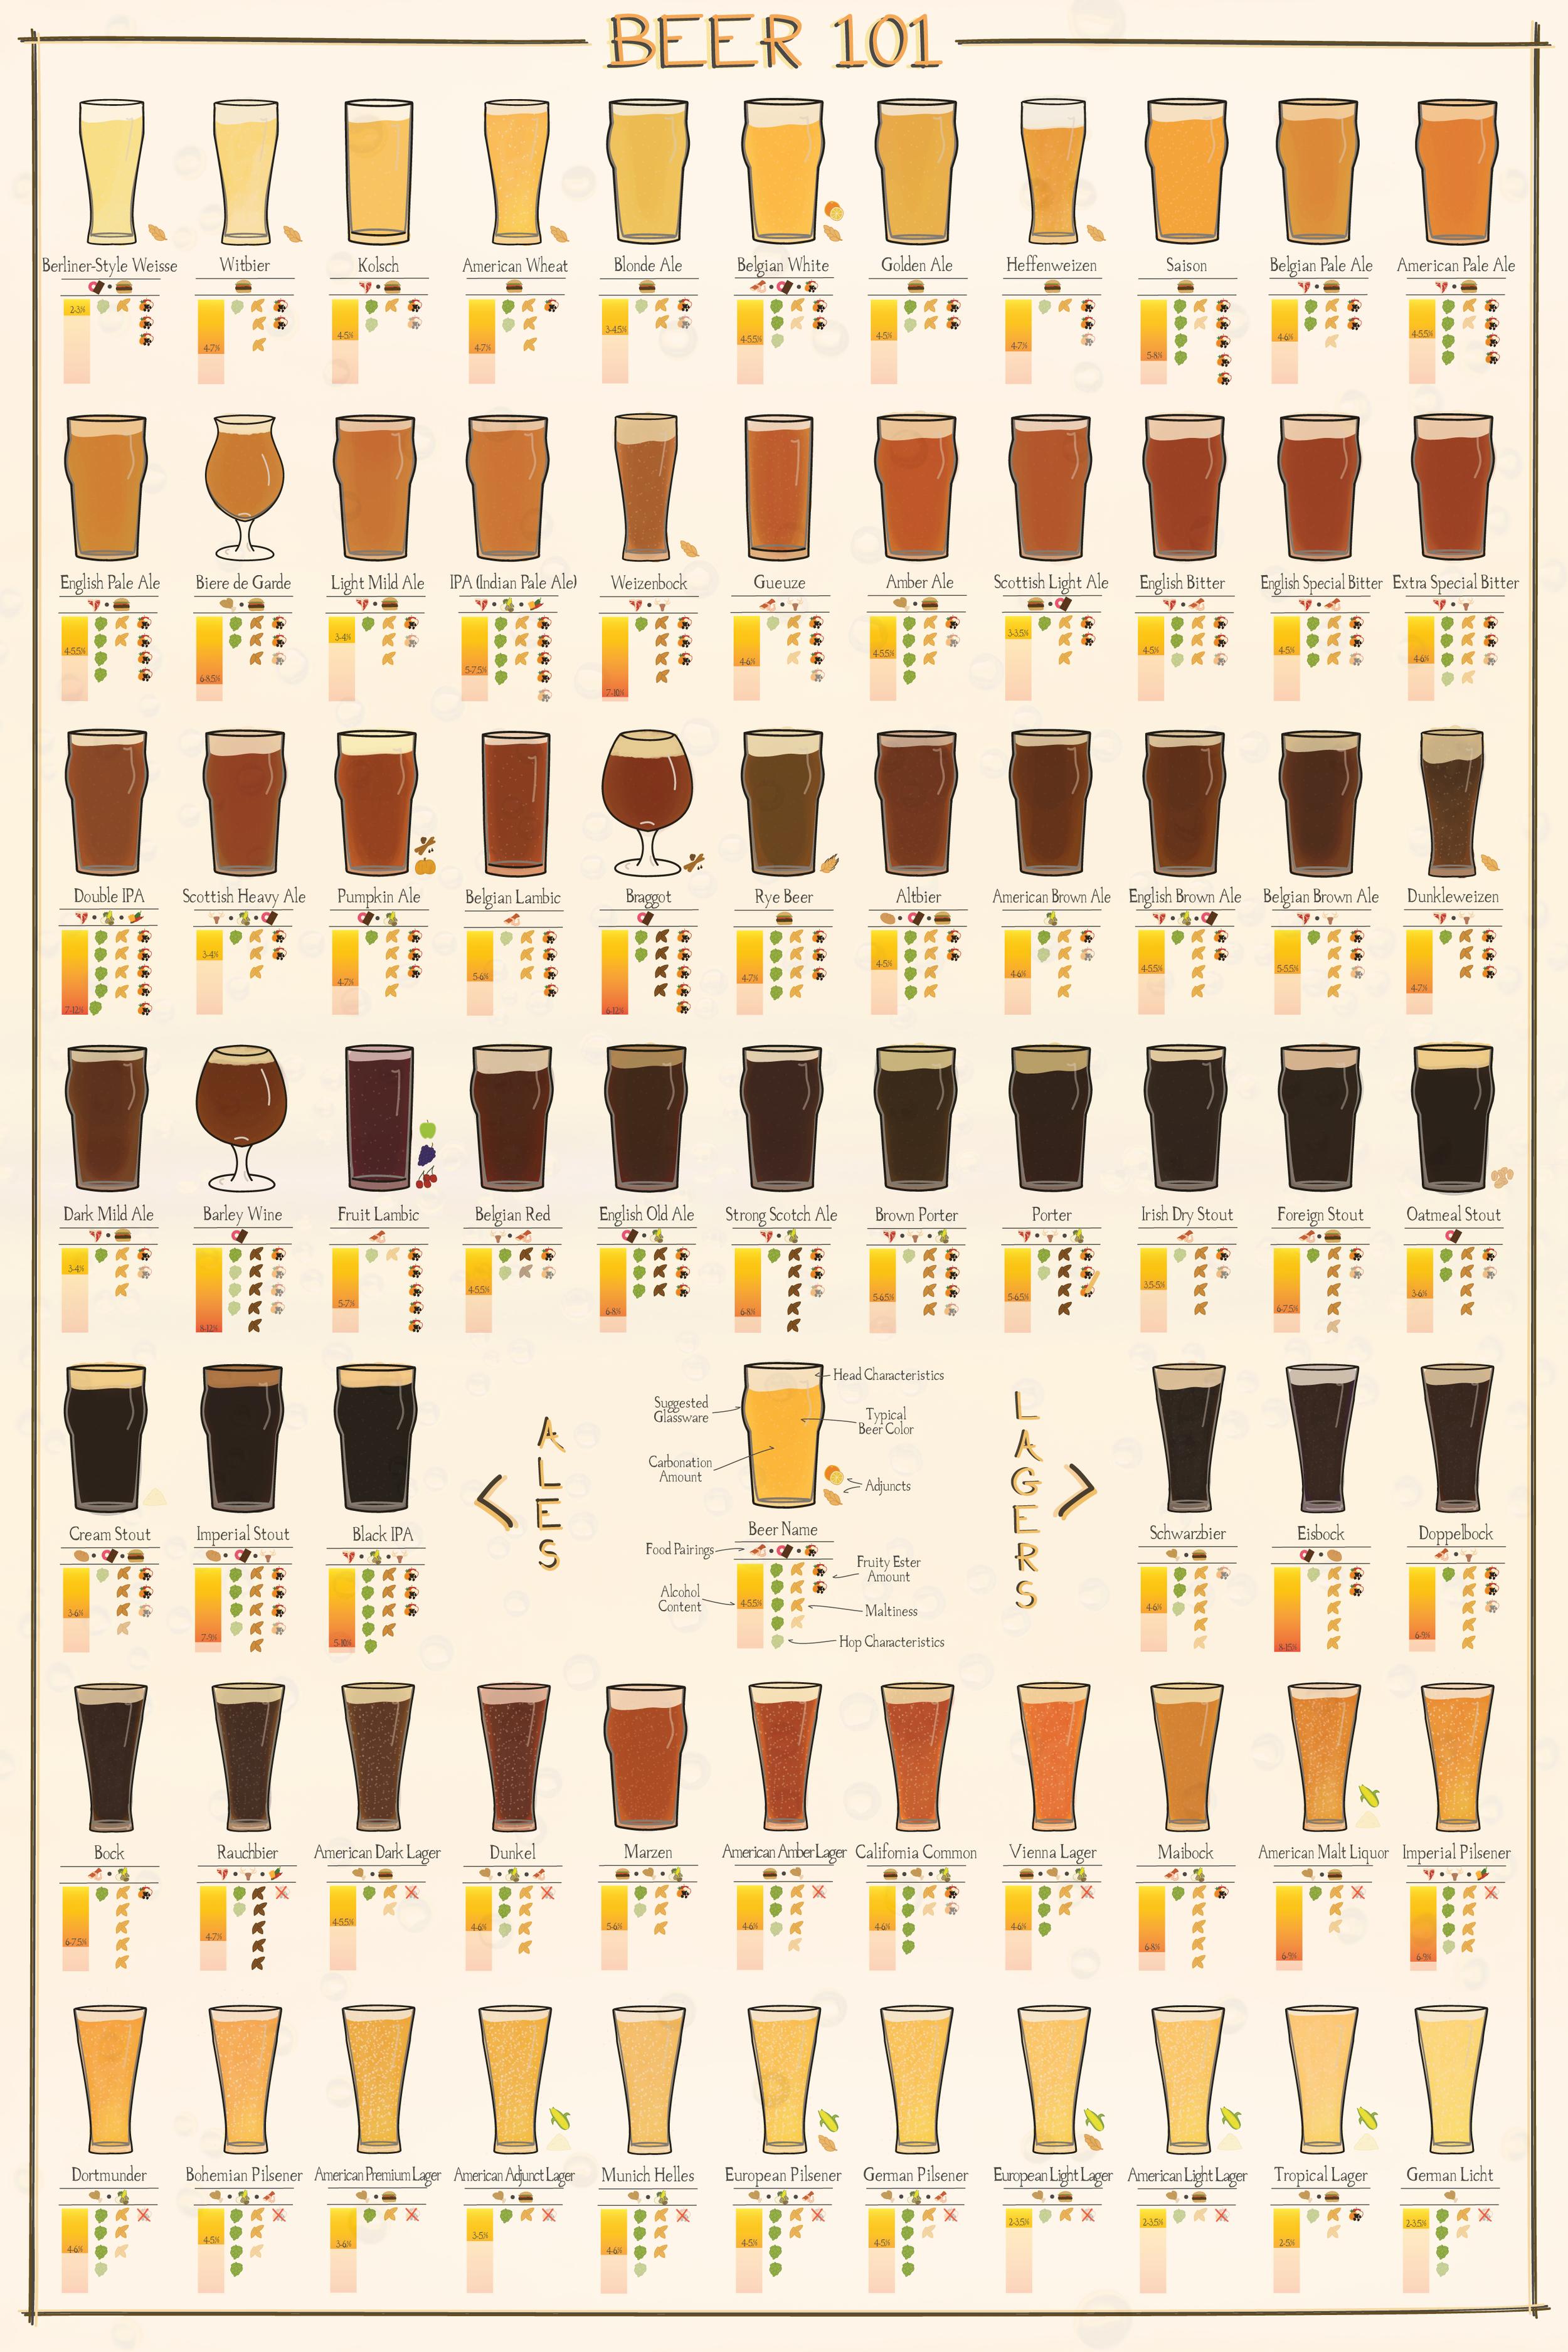 bira-malt rengi-yemek-eslestirmesi